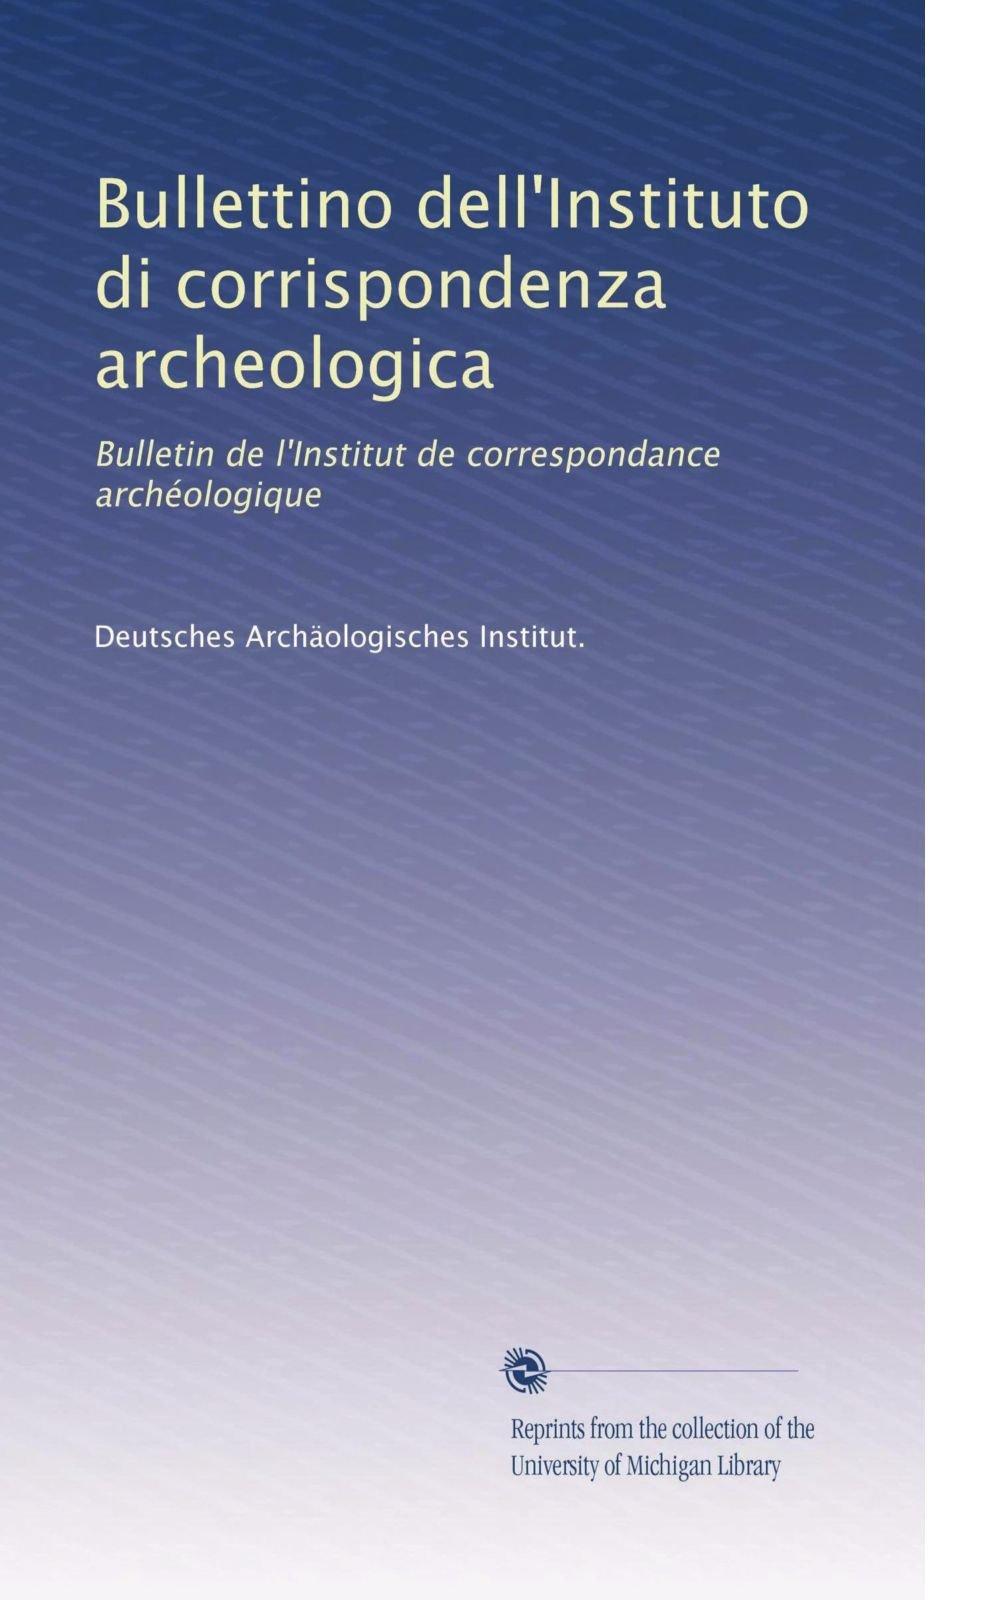 Read Online Bullettino dell'Instituto di corrispondenza archeologica: Bulletin de l'Institut de correspondance archéologique (Volume 27) (Italian Edition) pdf epub